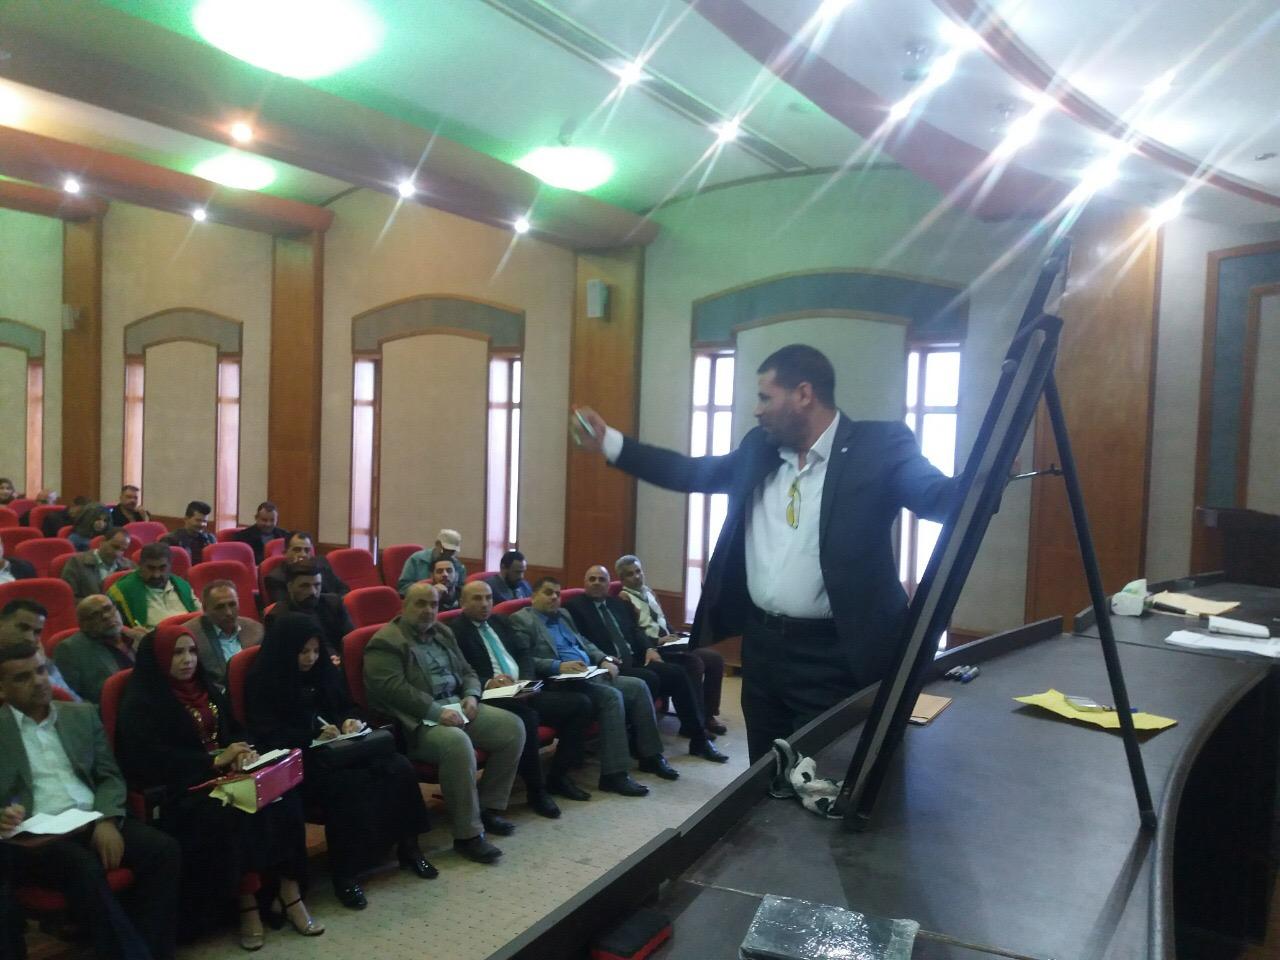 حاضر الاستاذ المساعد الدكتور حسام الزيادي بندوة في شعبة تطوير الملاك في ديوان المحافظة